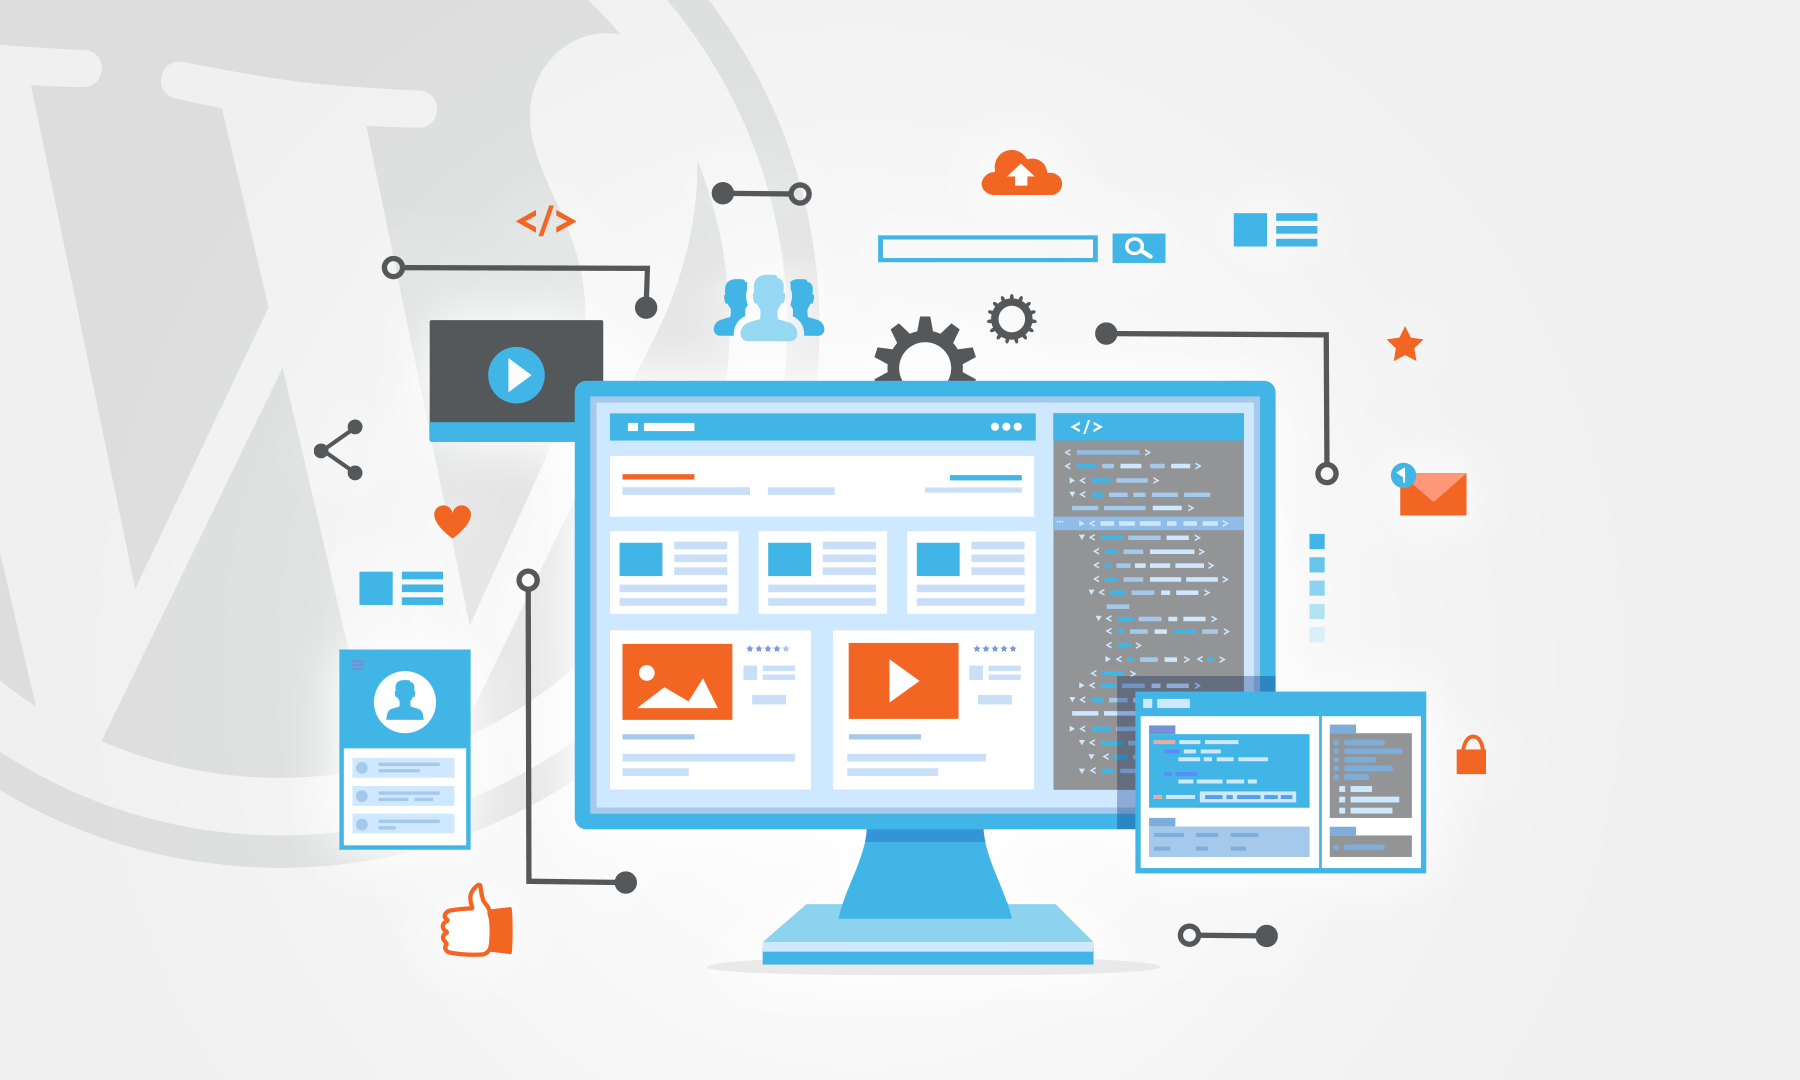 I dag skal det handle om et webbureau med over 20 dedikerede medarbejdere, som ved alt om design og tidens trends, når det kommer til at designe WordPress hjemmeside.